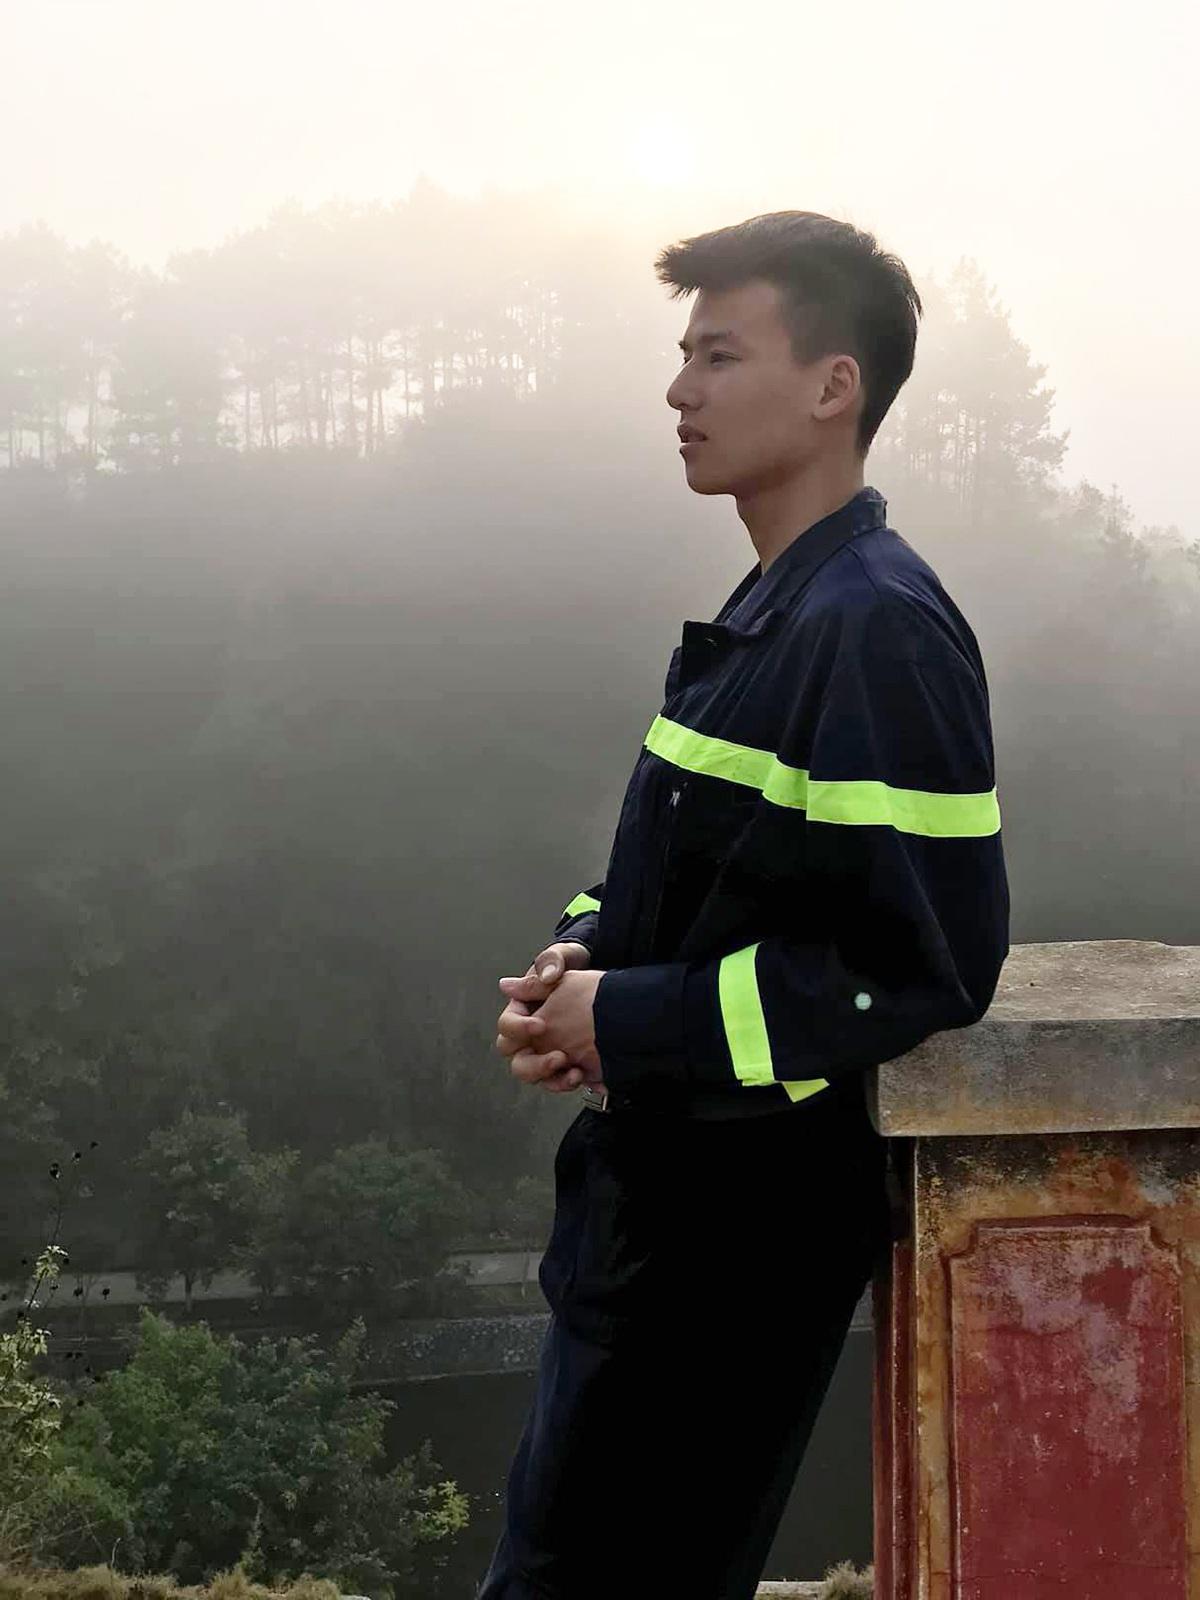 Cực phẩm lính cứu hỏa Lạng Sơn body 6 múi, thần thái như diễn viên - 4